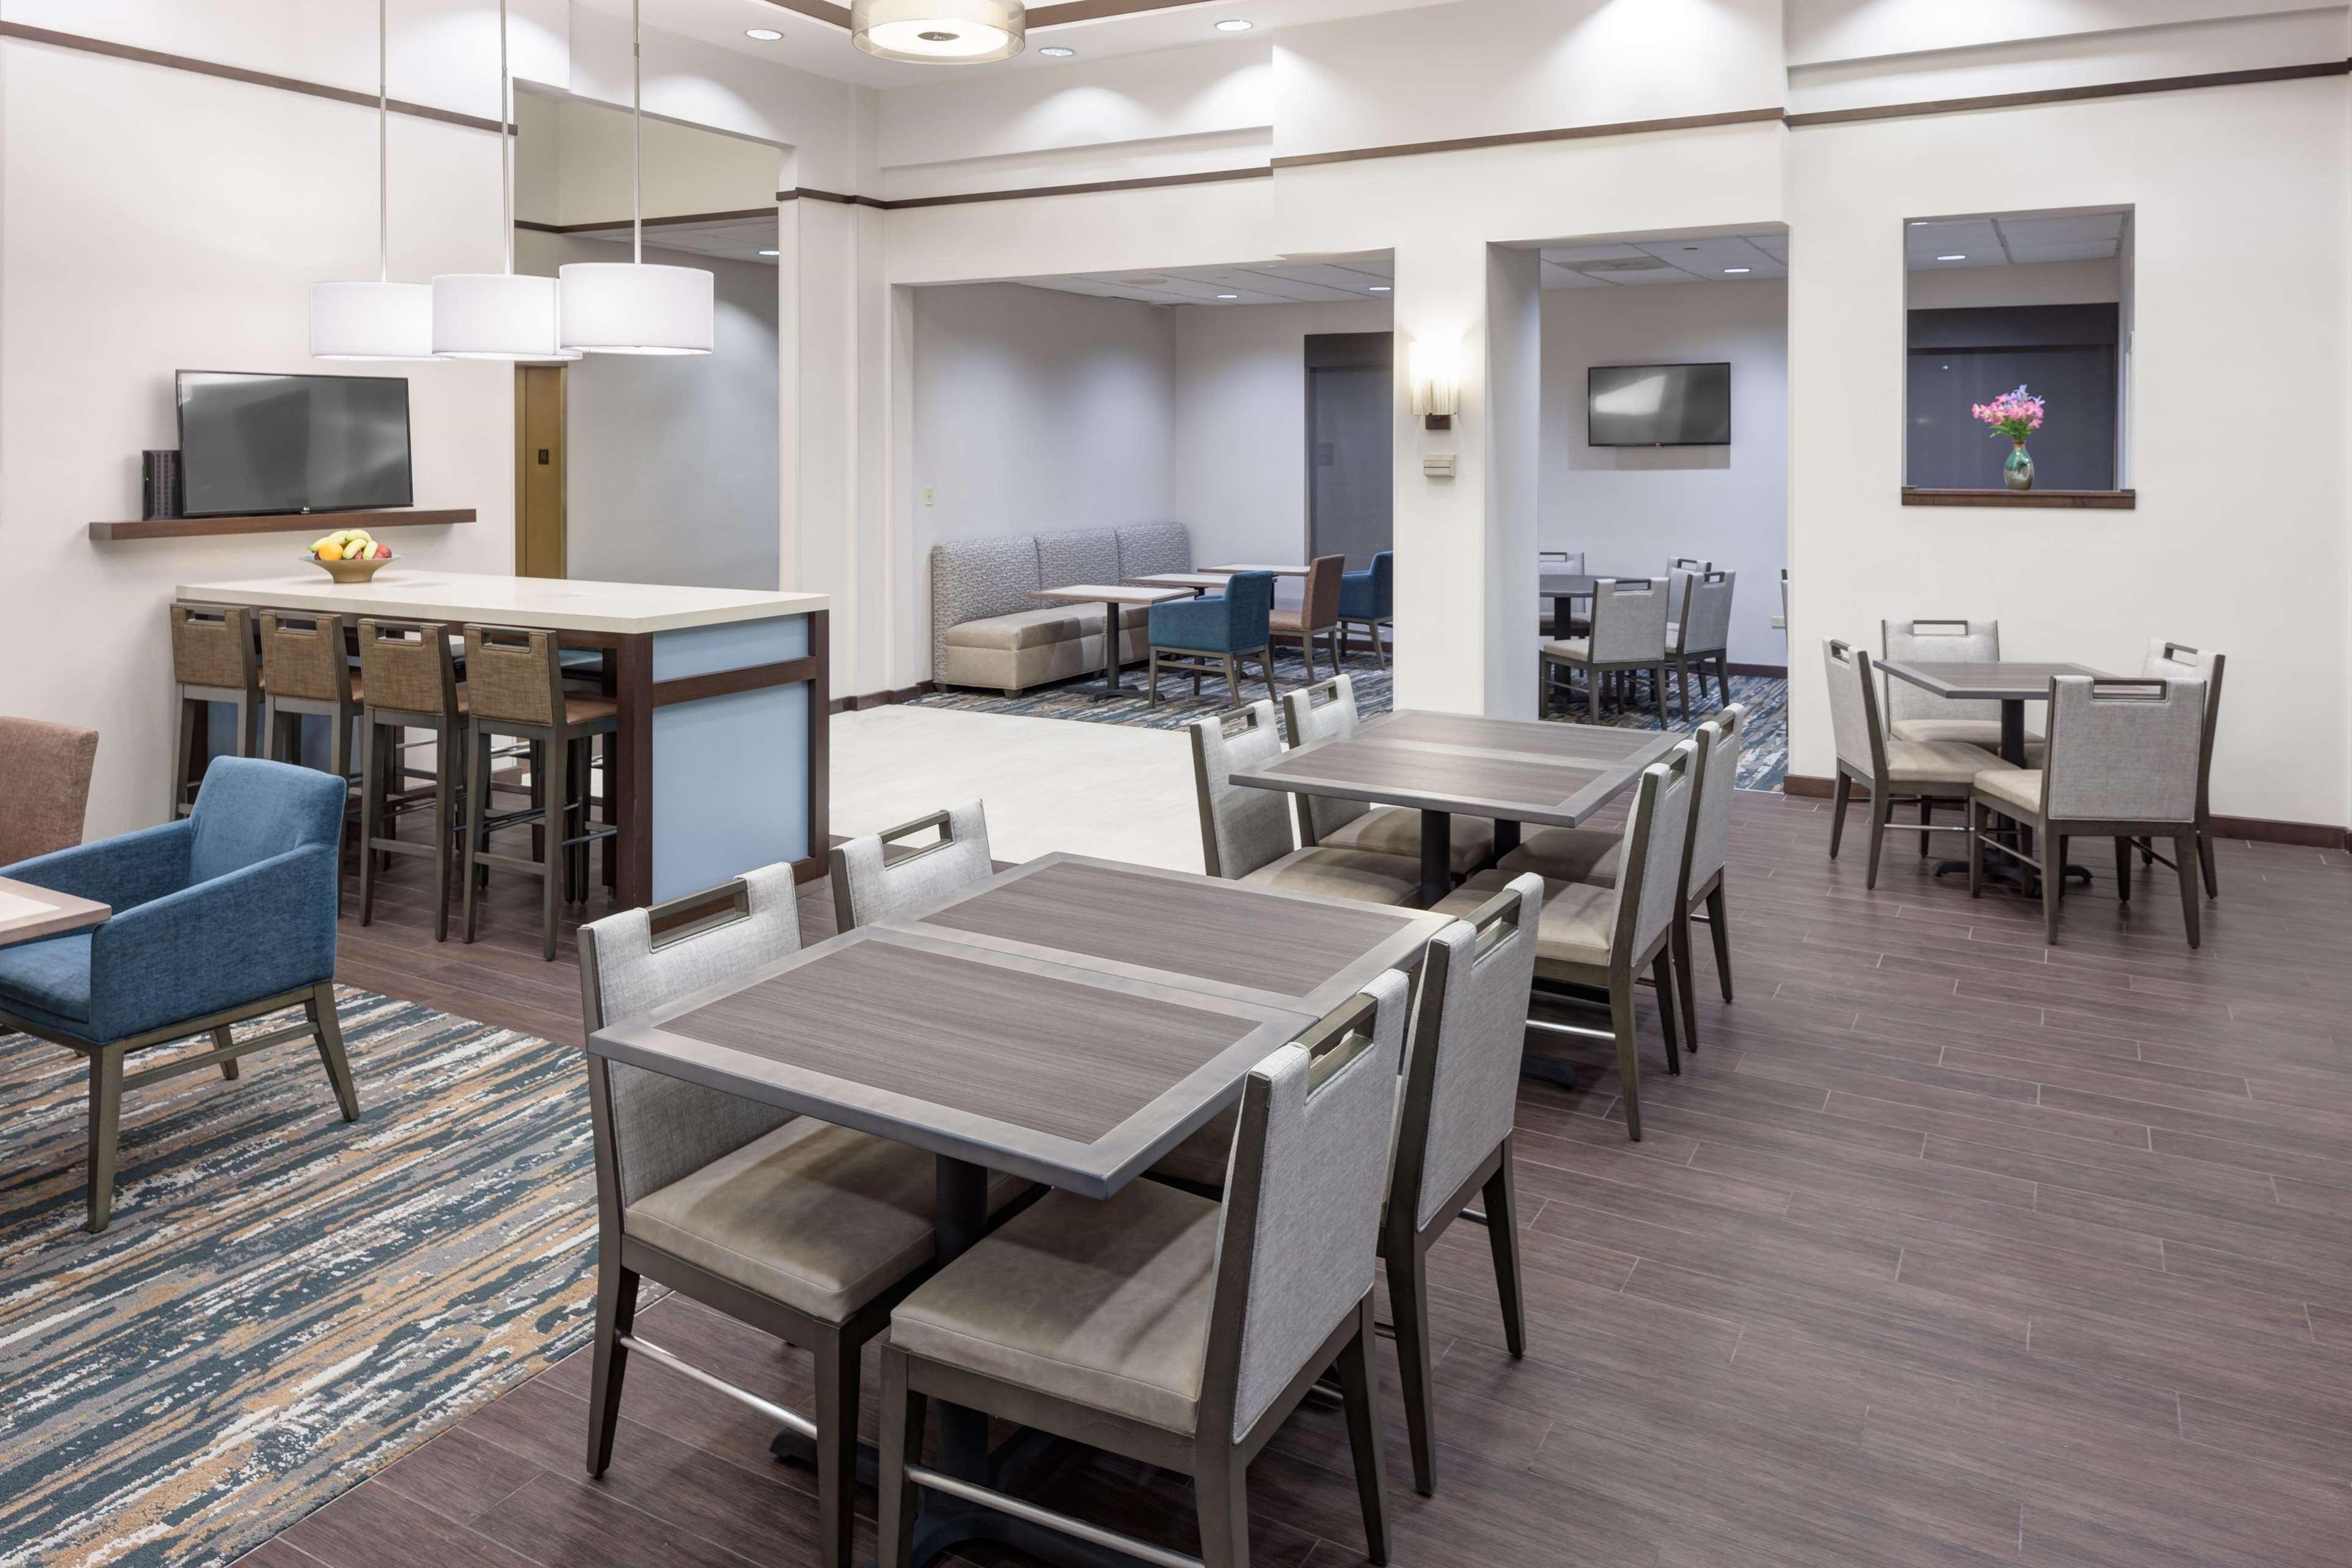 Hampton Inn & Suites Chicago-North Shore/Skokie image 25